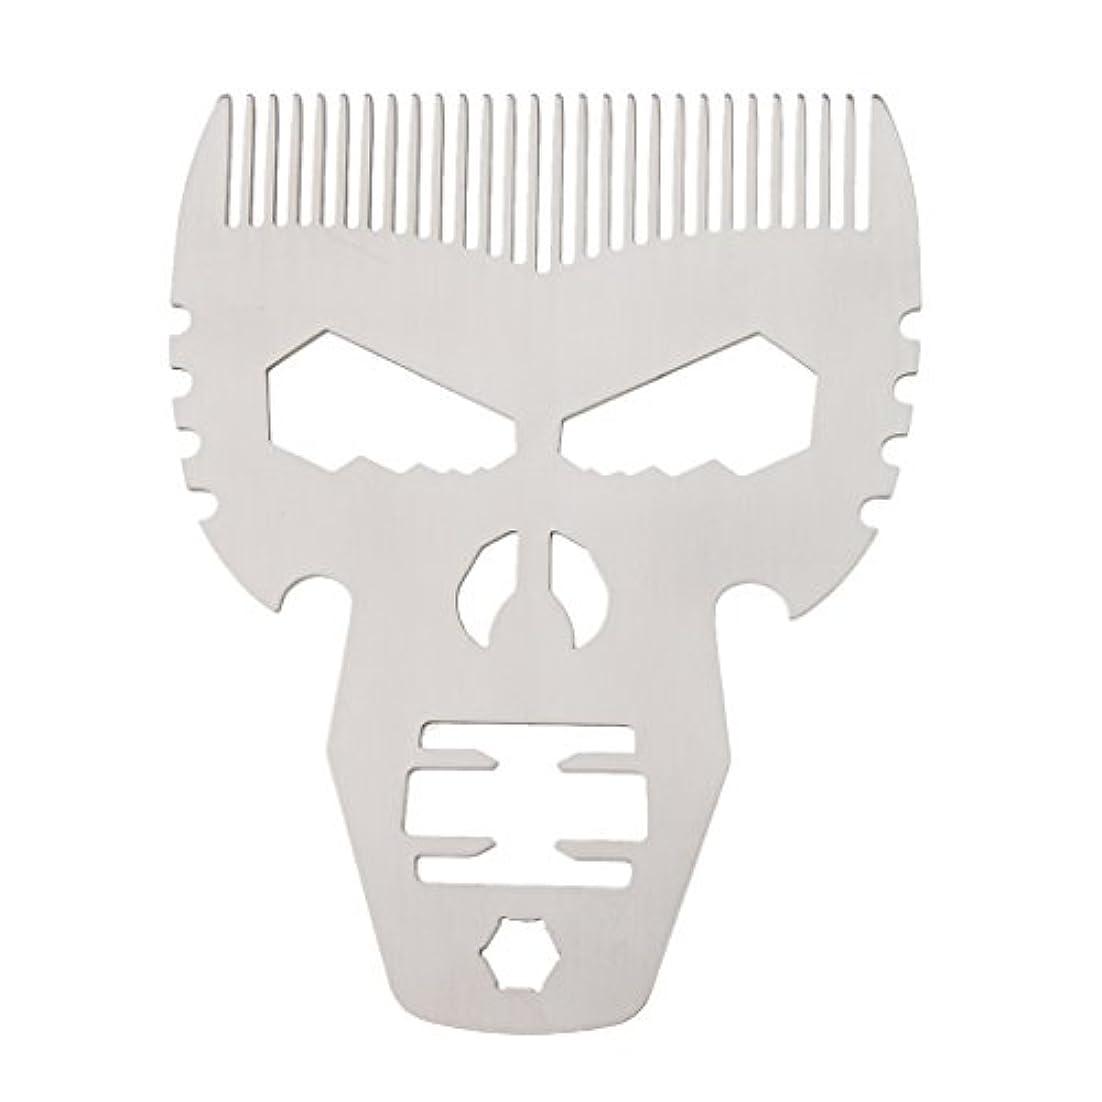 仲介者時間侵入するP Prettyia ビアードコーム 男性 口髭ブラシ